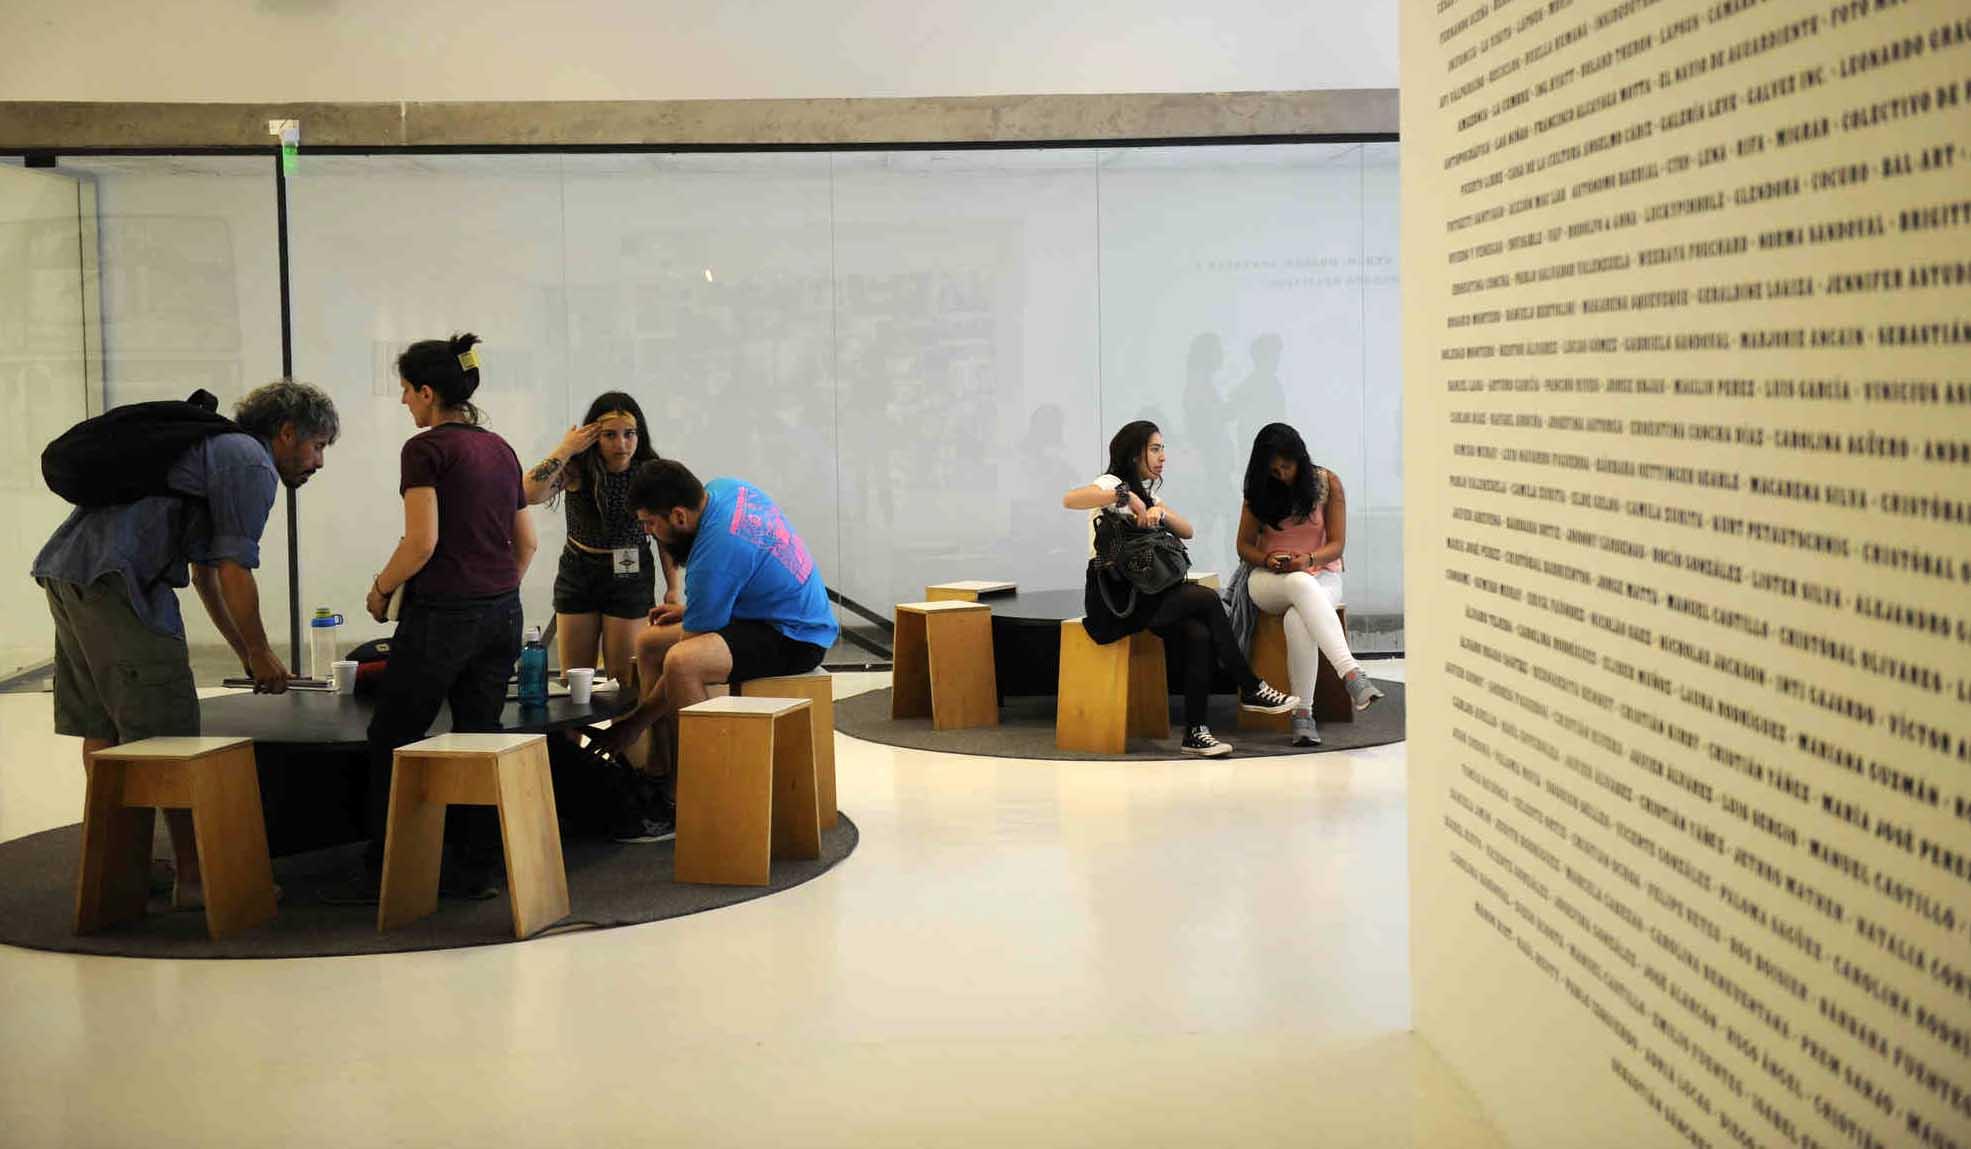 Sala de lectura en la exposición Valparaíso, FIFV 2016. ©Victor Ruiz Caballero